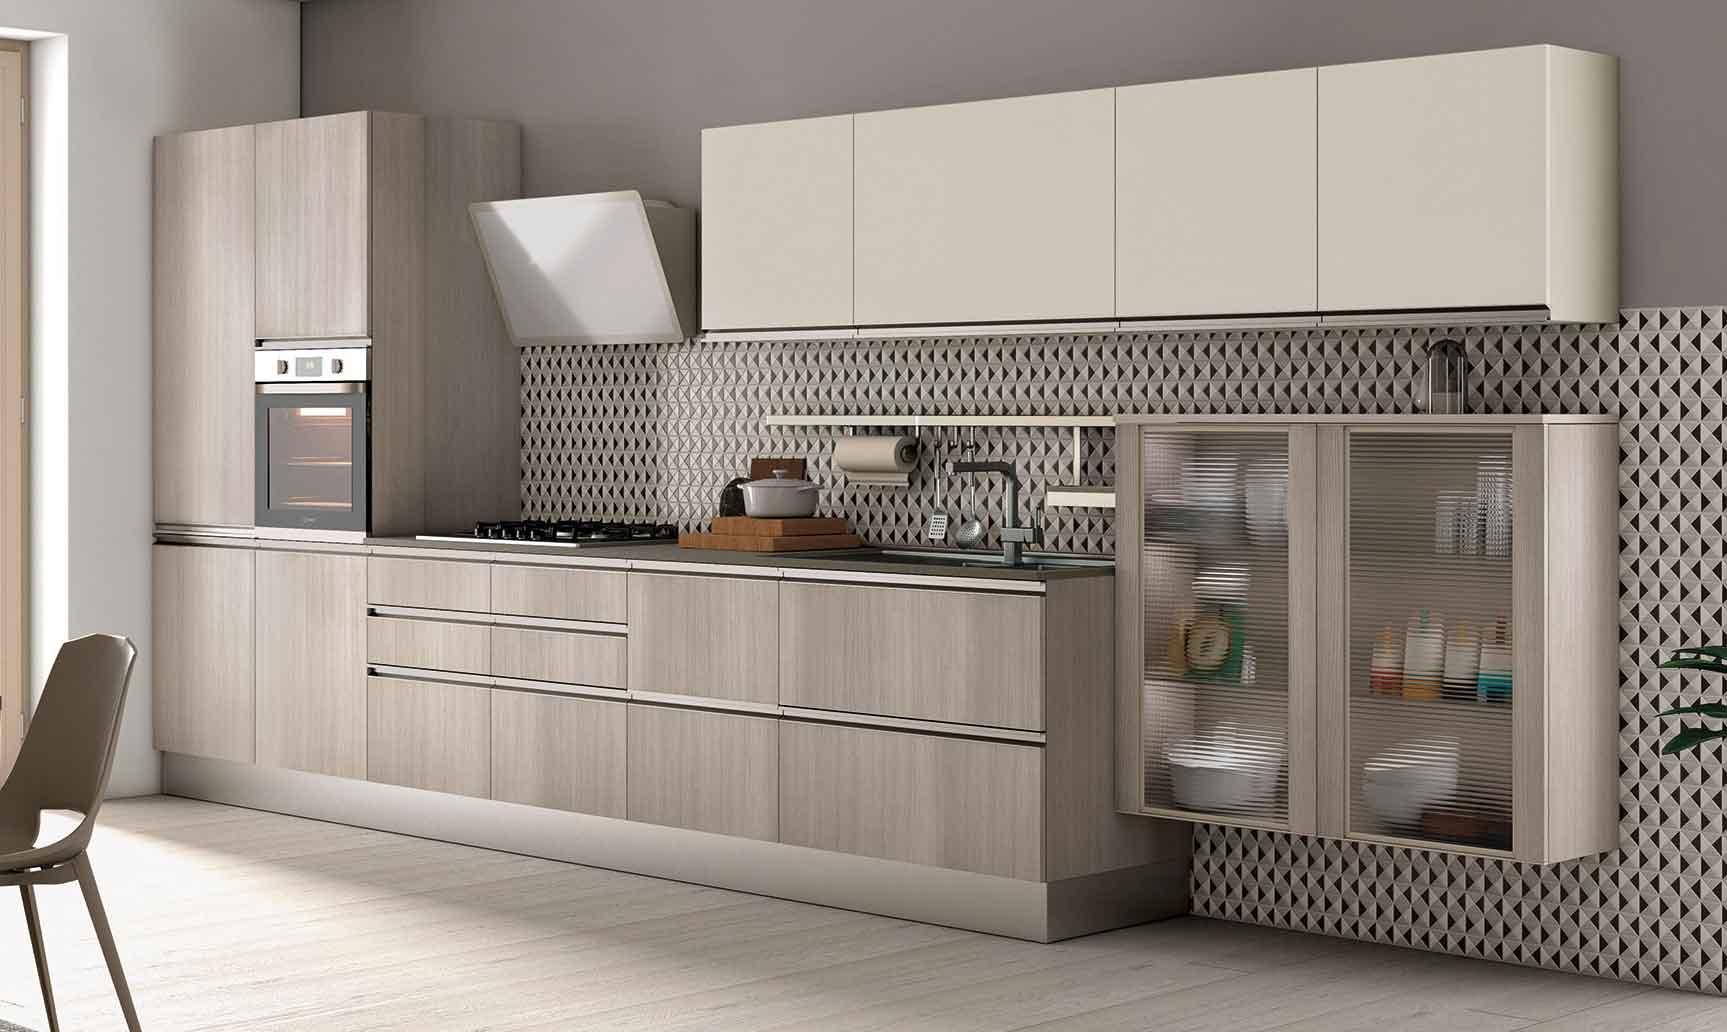 Pensili Per Cucina Prezzi cucina moderna - creo tablet - standard - cucinarredi